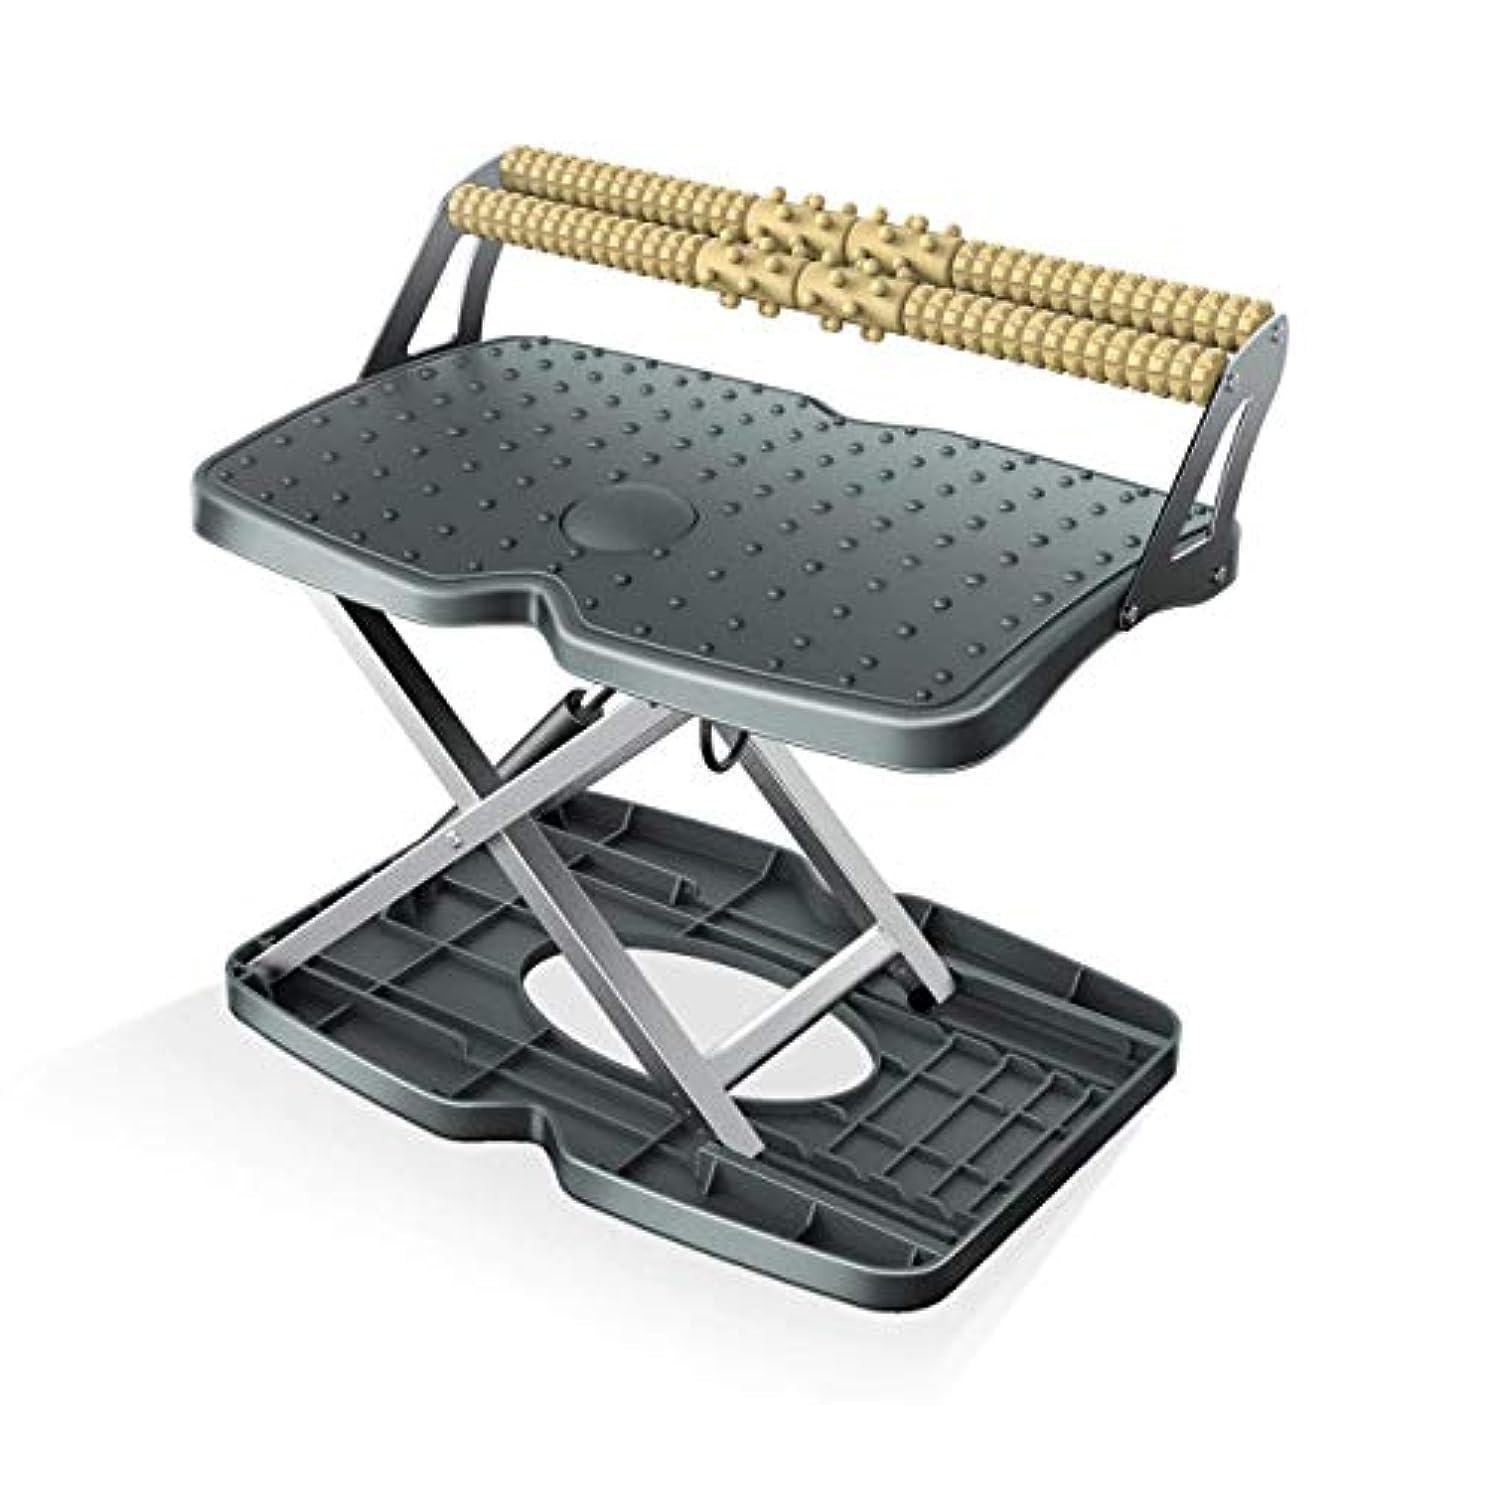 キノコ姪紀元前調節可能なフットレスト - 座るための人間工学的ソリューション、机の下の足置き、高さと角度の調節可能な足置き、旅行やオフィスでのマッサージ